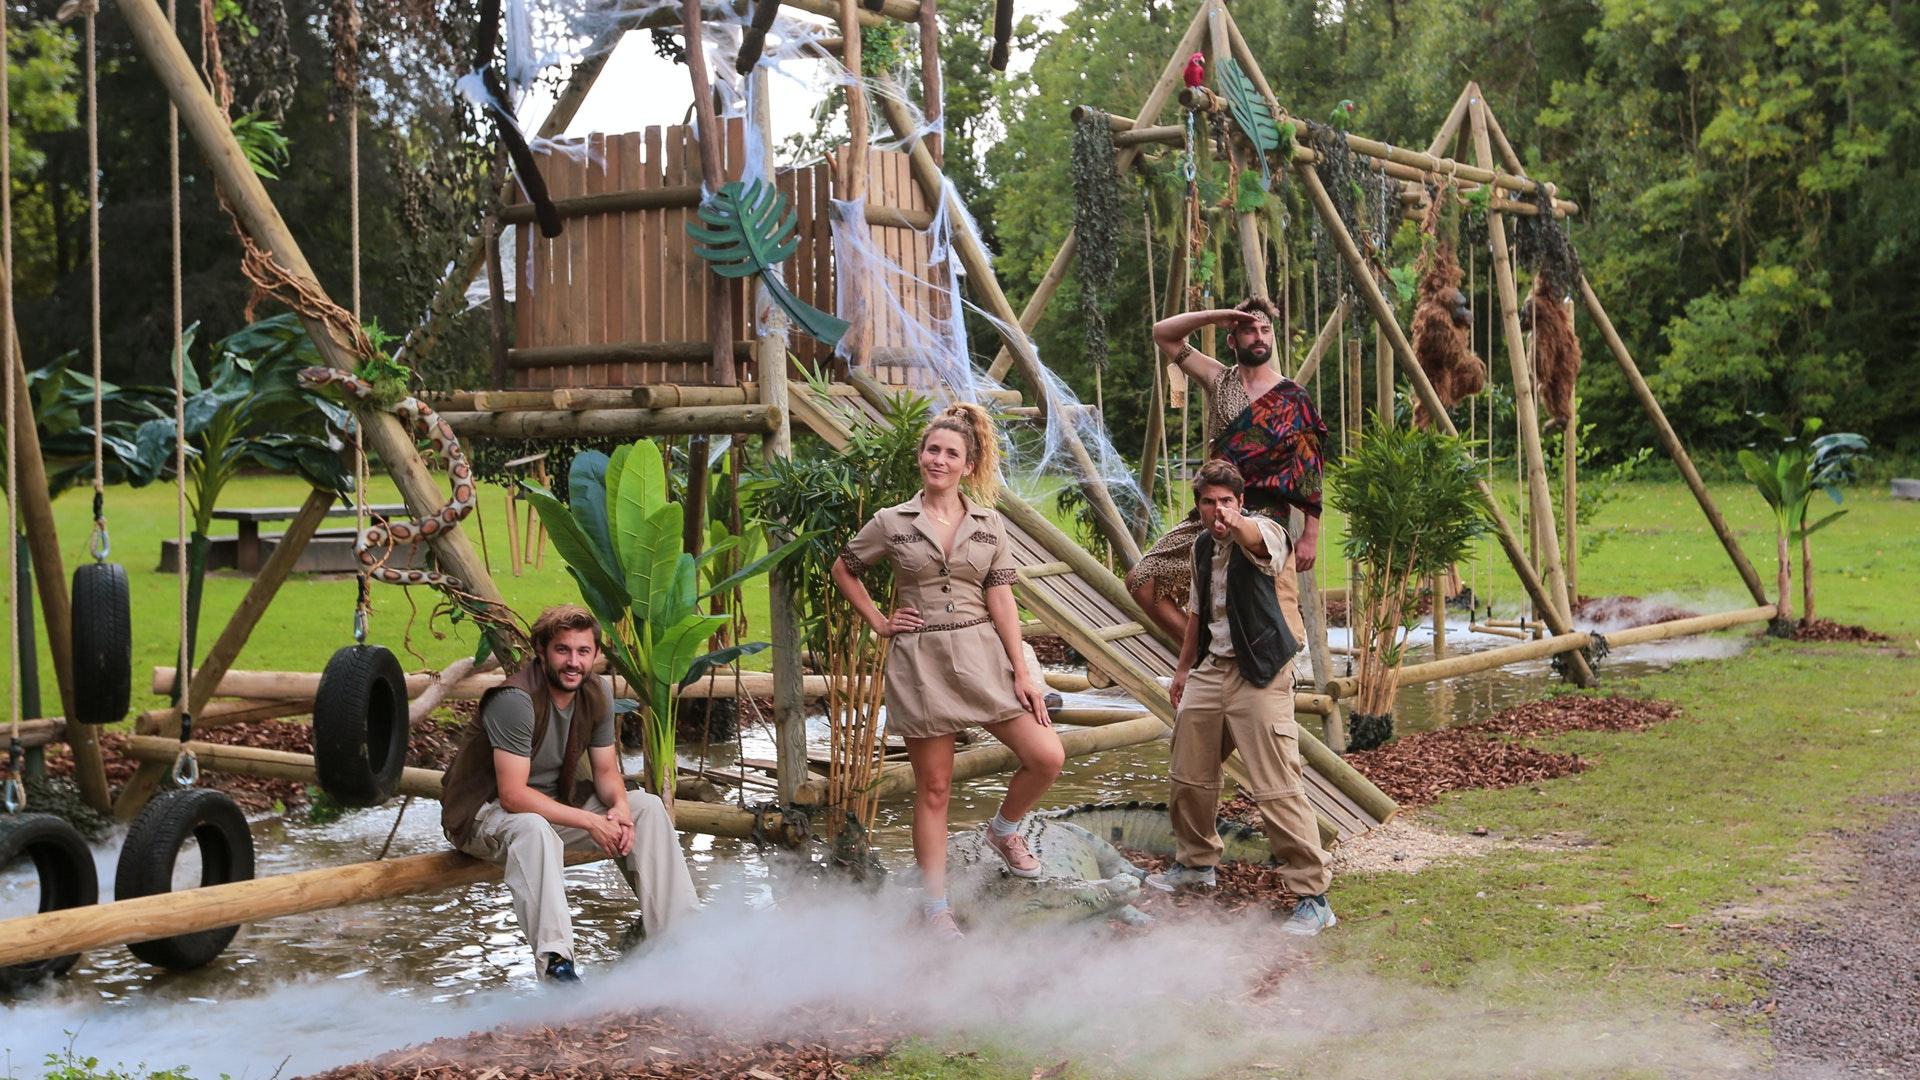 Heldentoeren: Bezoek het jungleparcours uit Heldentoeren!